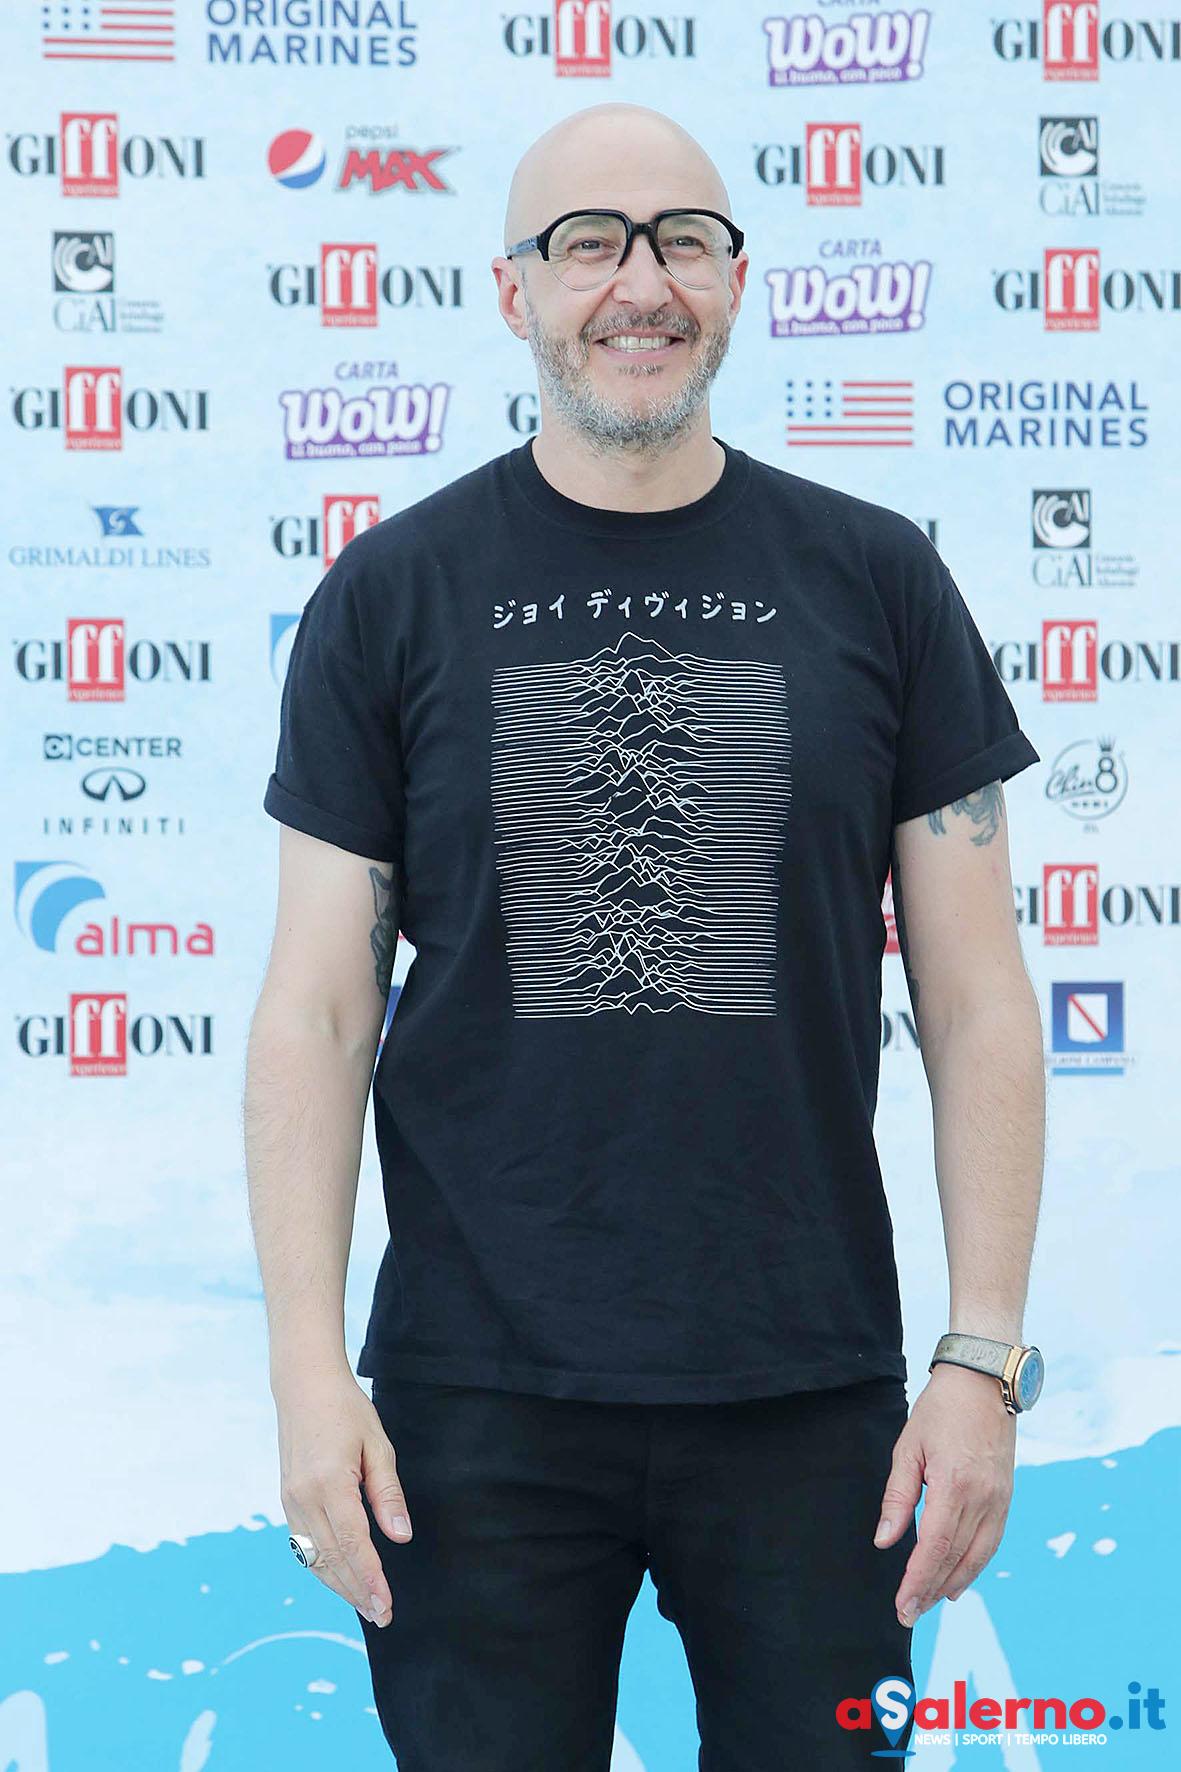 SAL - 20 07 2018 Giffoni Film Festival. Nella foto Saturnino. Foto Tanopress